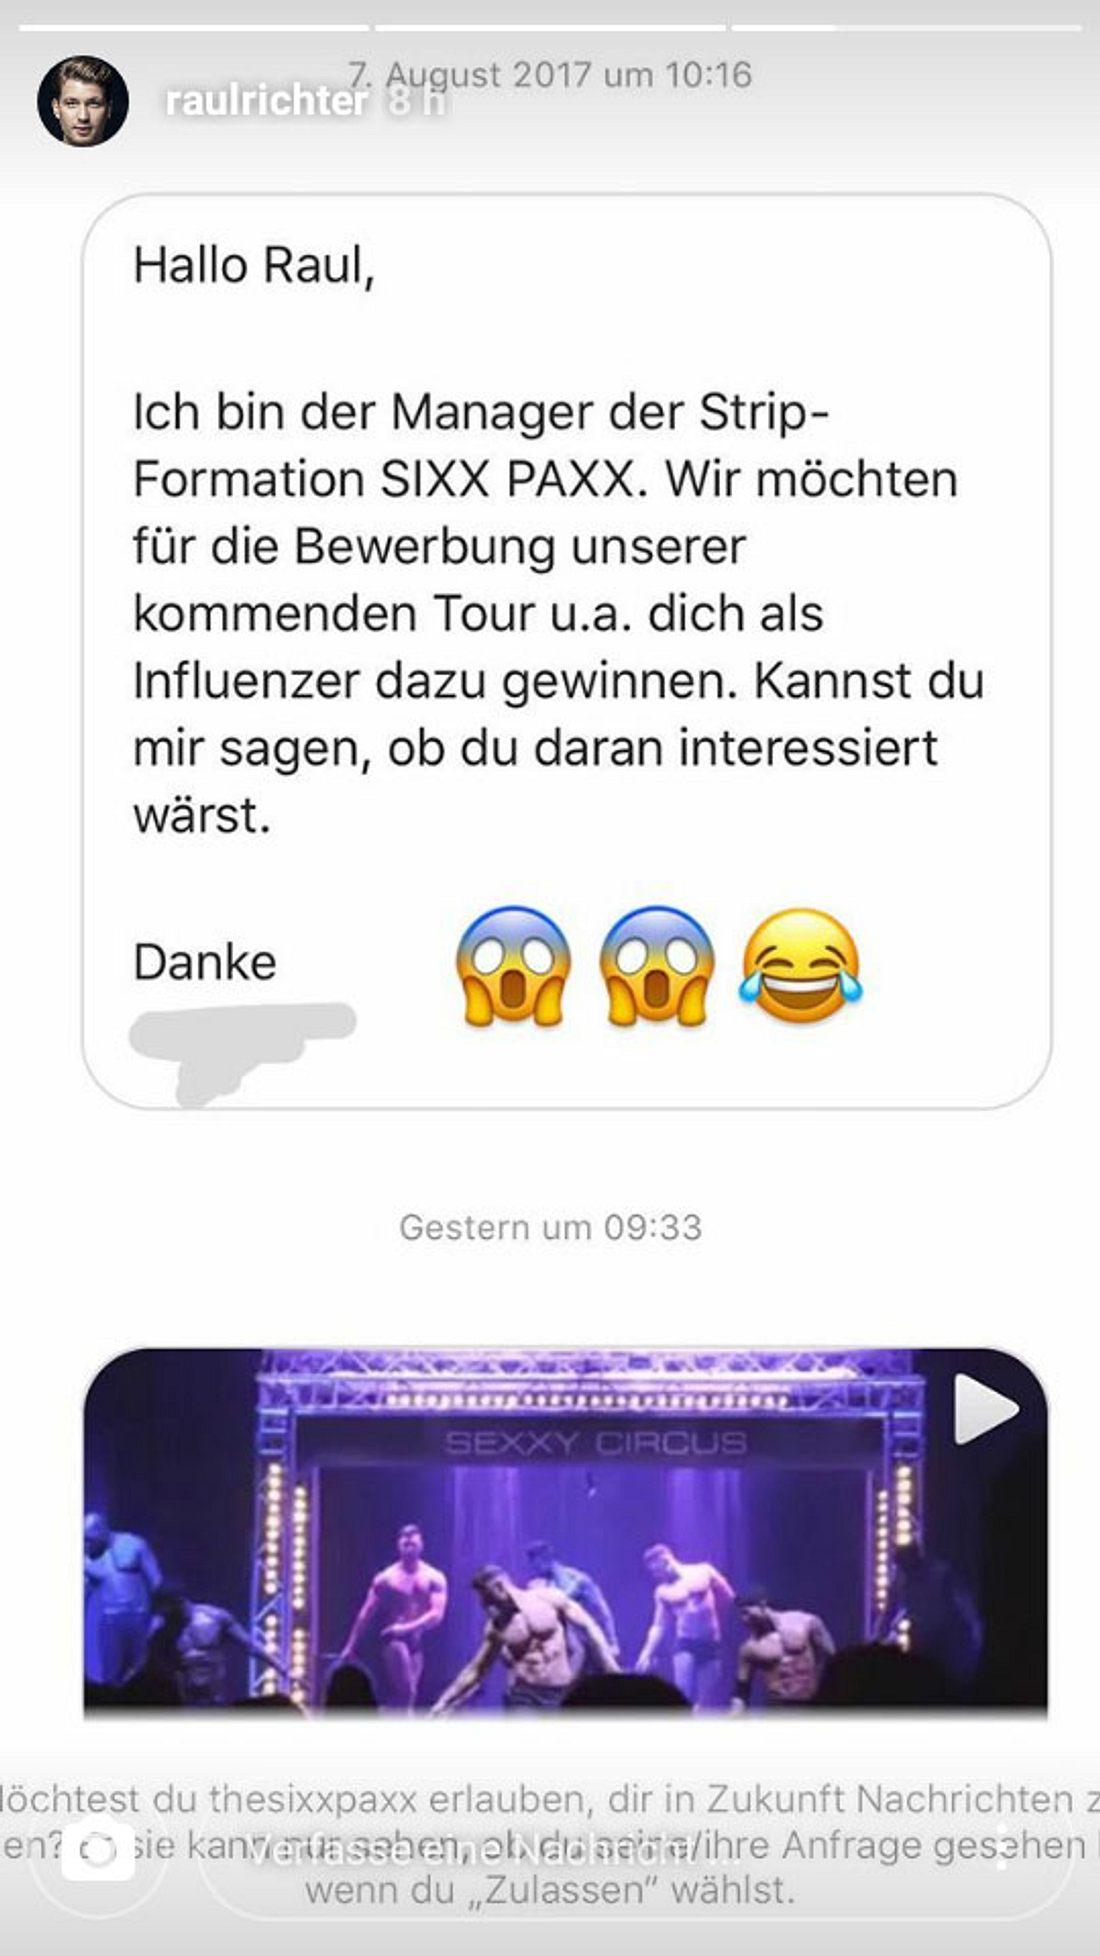 Raul Richter bekam eine Anfrage von den Sixx Paxx